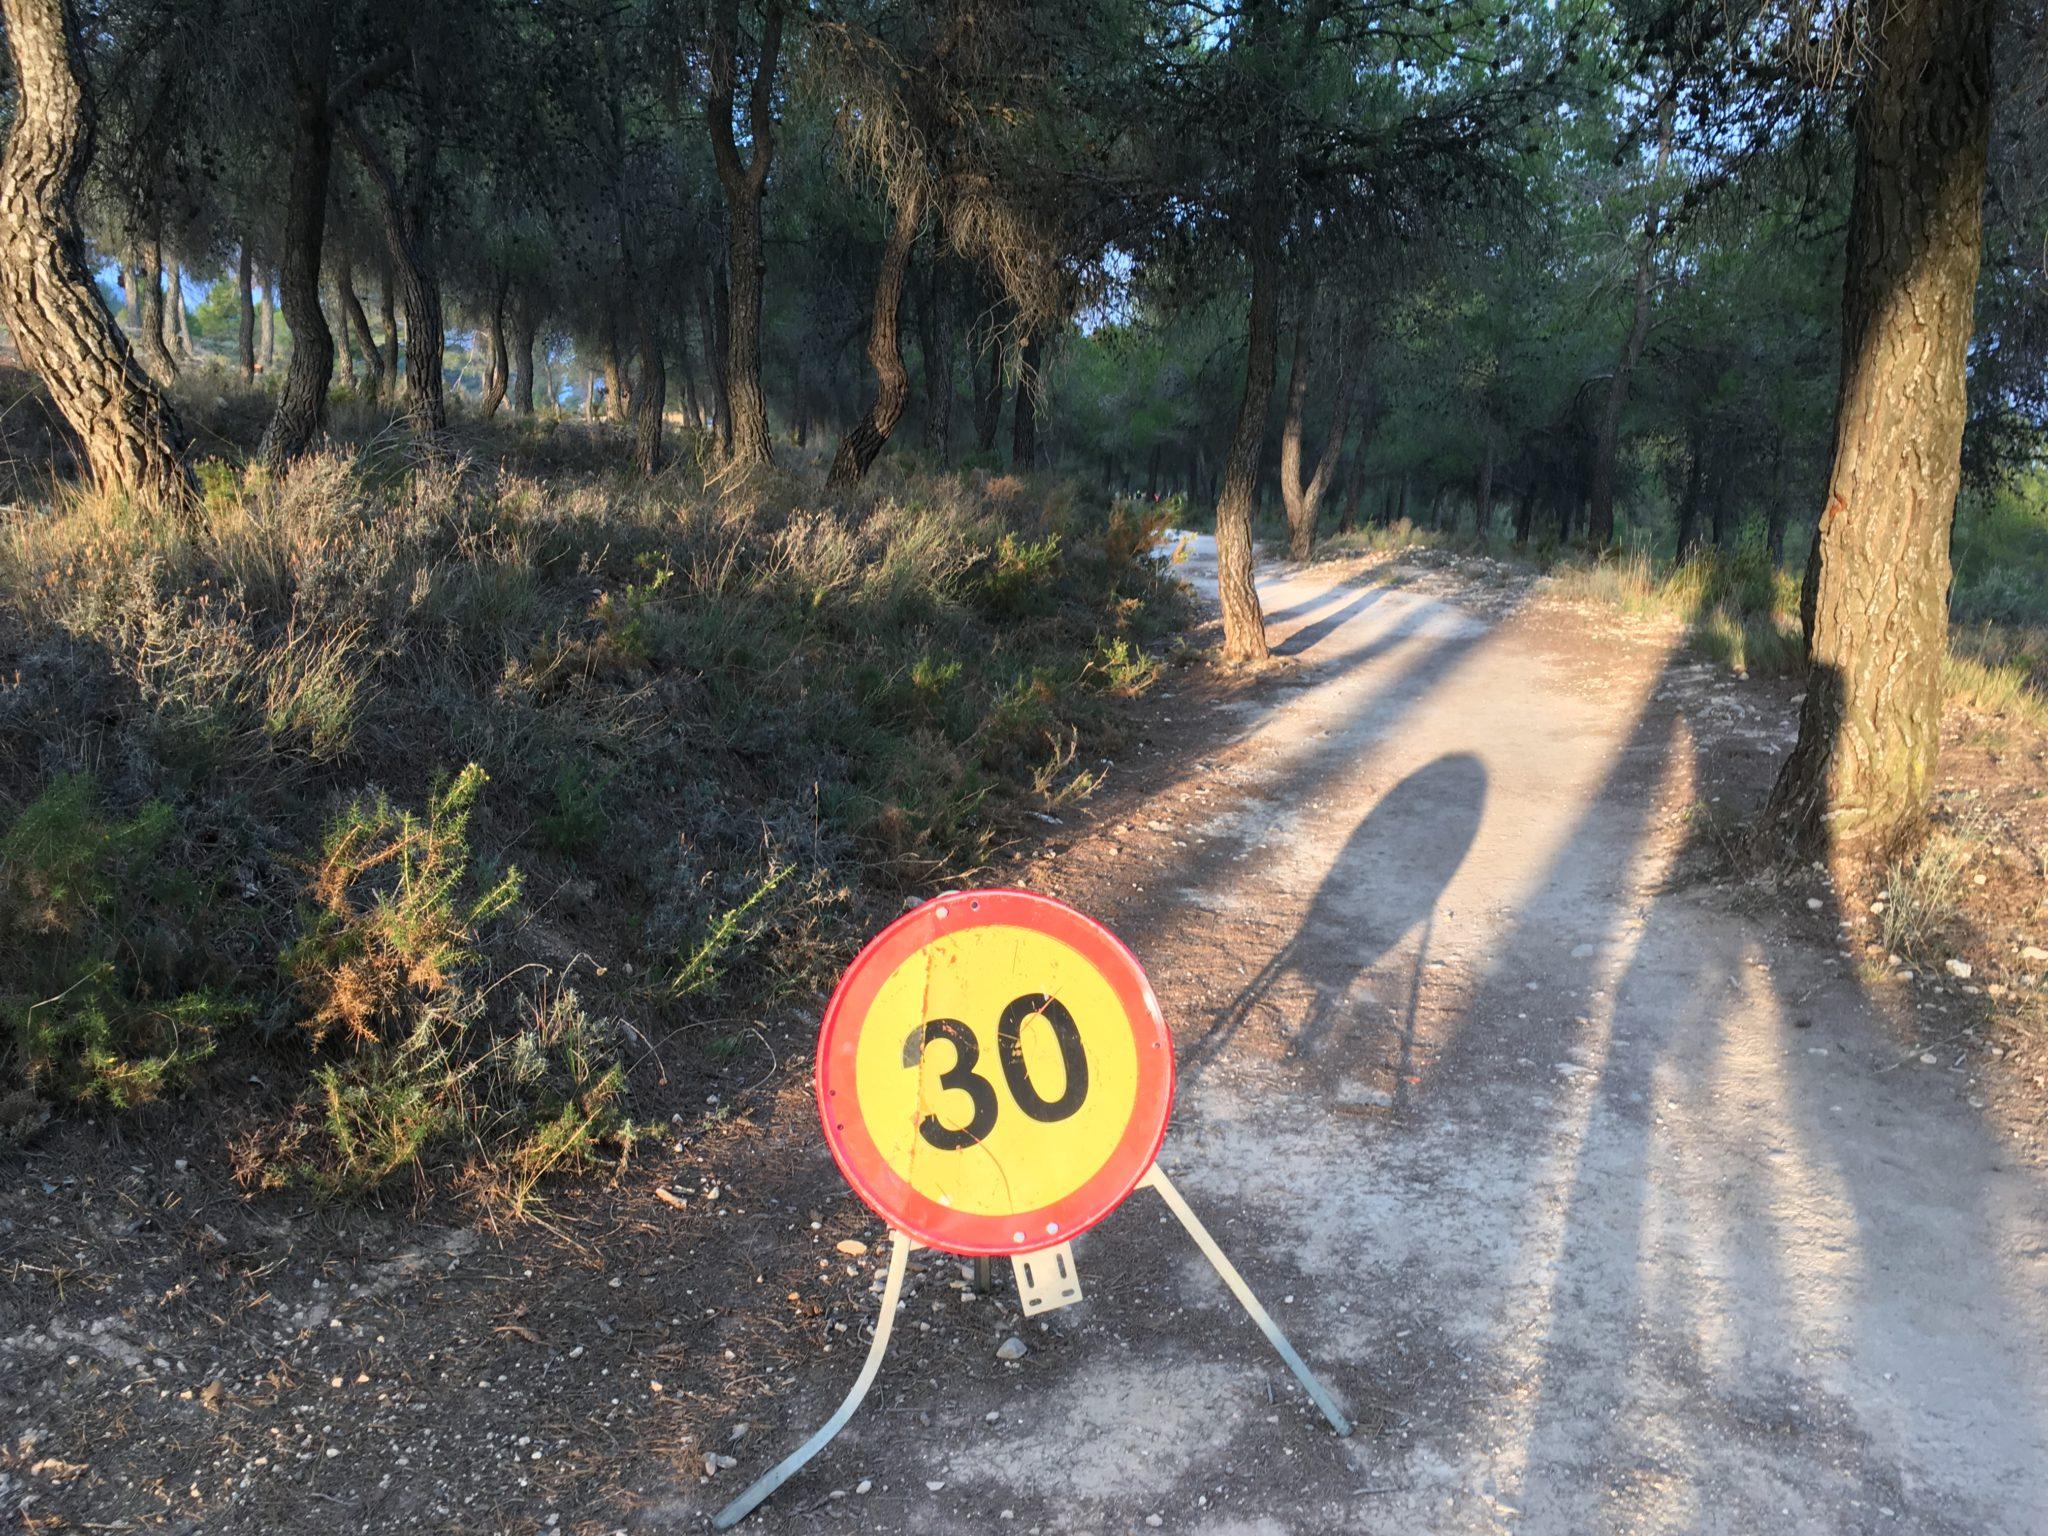 Tras una colisión múltiple en la Vía Verde, la Guardia Rural de Tráfico decide limitar la velocidad en la zona a 30 km/h